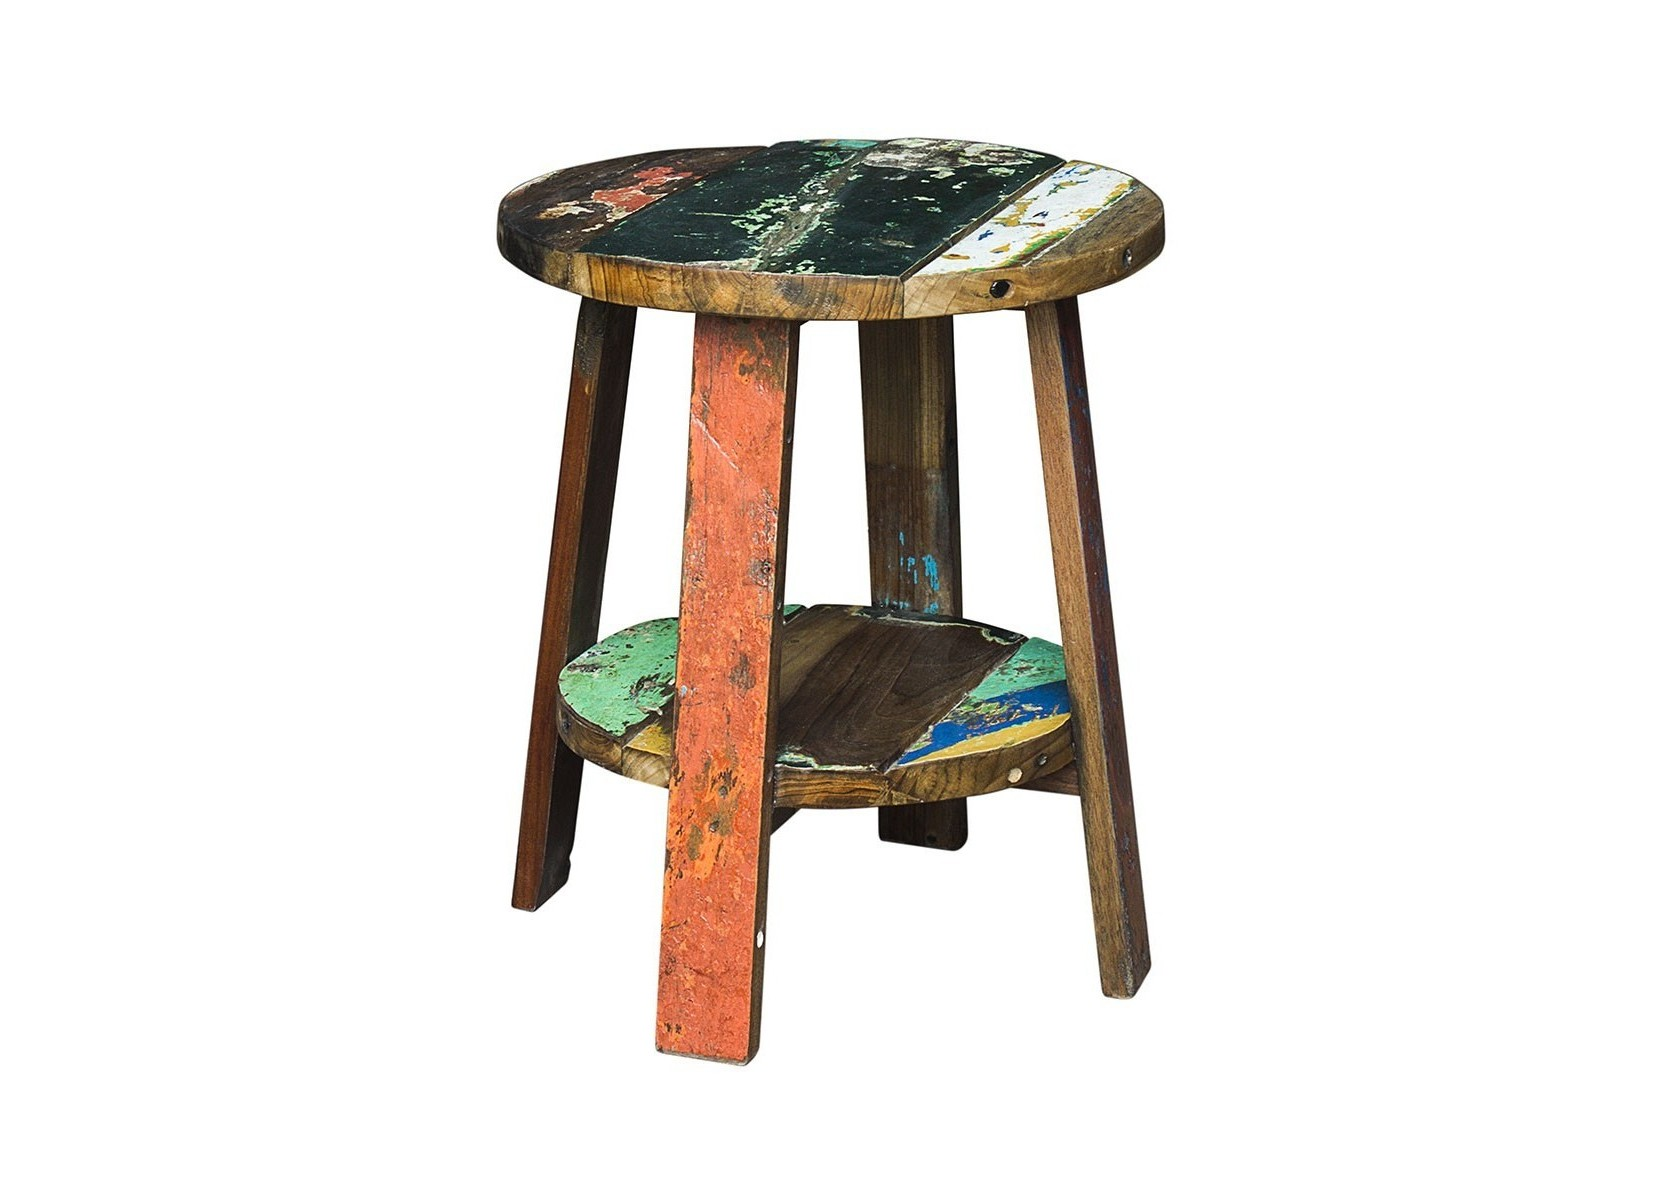 Тумба/табурет ГандиТабуреты<br>Тумба/табурет, выполненный из массива древесины старого рыбацкого судна, такой как: тик, махогон, суар, с сохранением оригинальной многослойной окраски.<br><br>Компактный размер делает его идеальным для небольших пространств. Универсальная форма позволяет использовать не только как табурет, но и как тумбу, подставку для цветов или ванных принадлежностей.<br>Подходит для использования как внутри помещения, так и снаружи.<br>Сборка не требуется.<br>Страна производитель - Индонезия.<br><br>Material: Тик<br>Ширина см: 45<br>Высота см: 55<br>Глубина см: 45